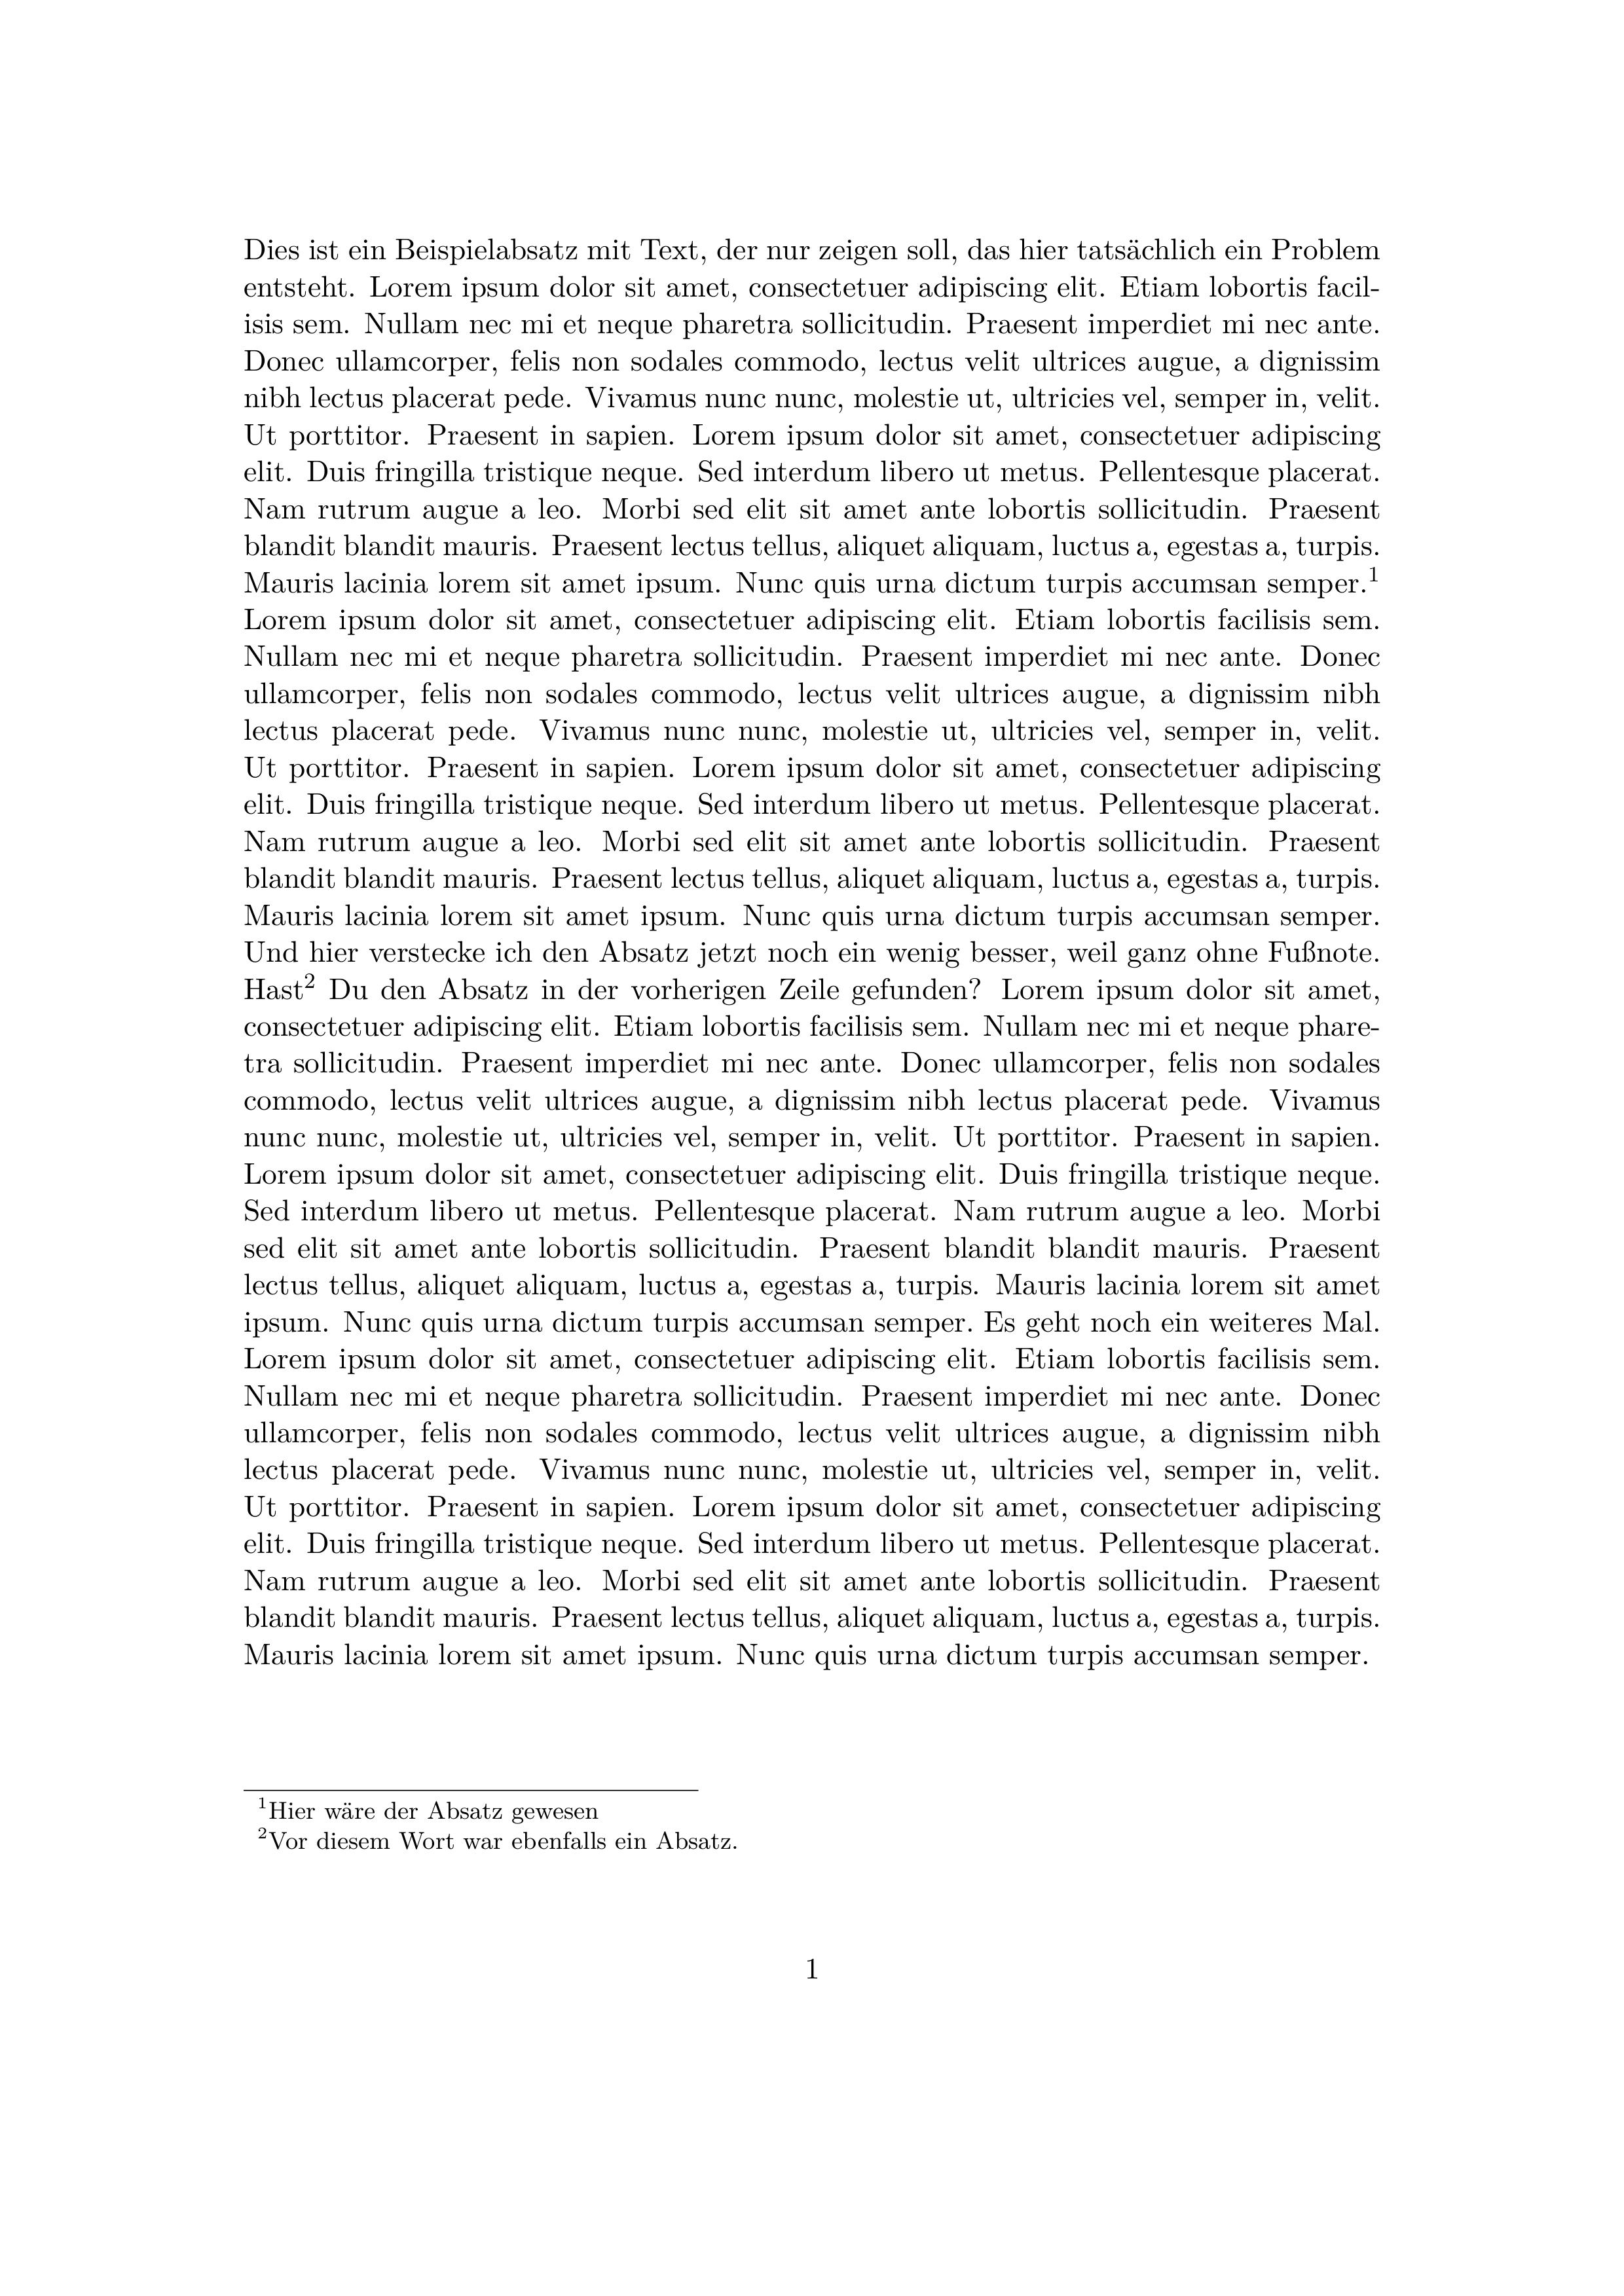 Screenshot der PDF, neue Absätze sind praktisch nicht erkennbar